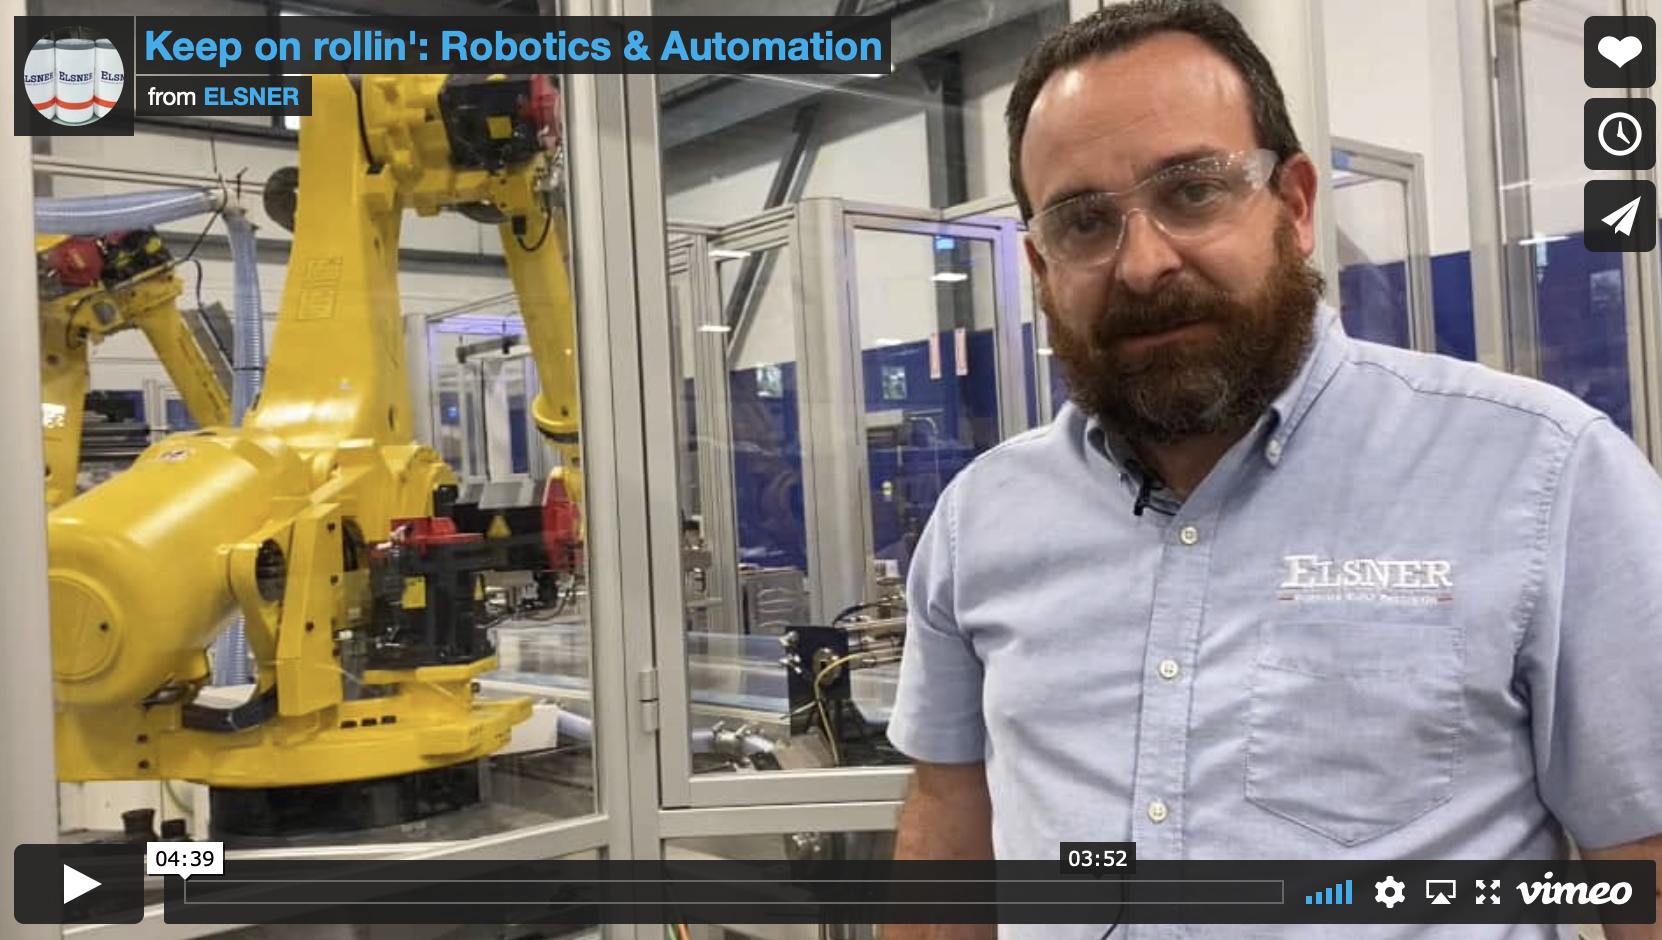 Keep on Rollin':  Robotics & Automation video